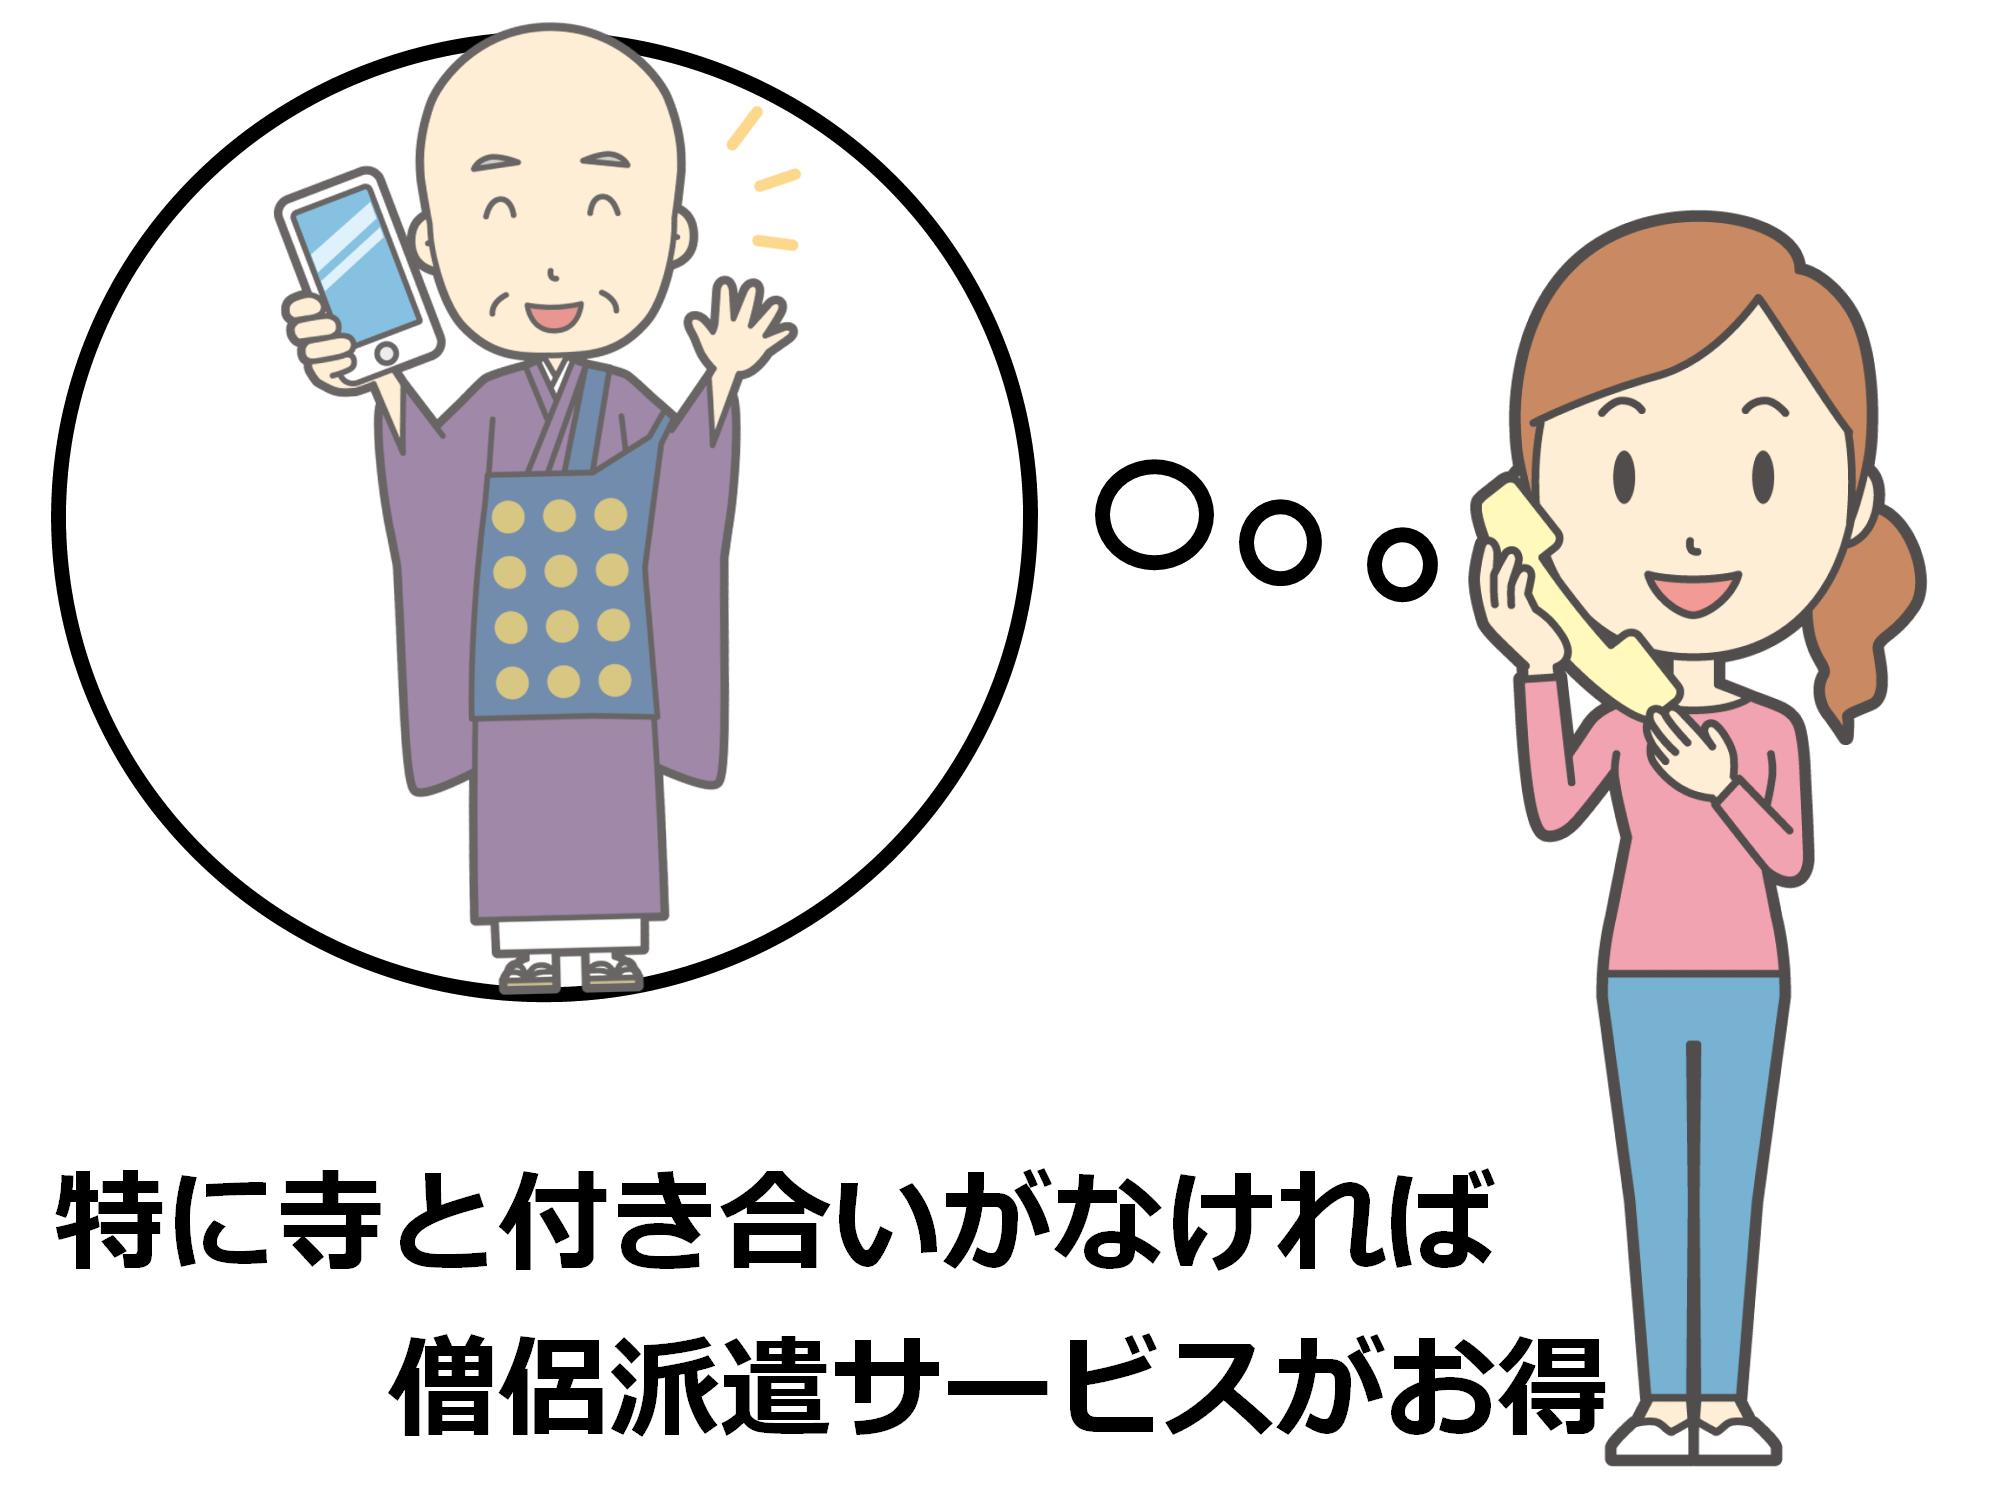 (2)僧侶派遣サービス